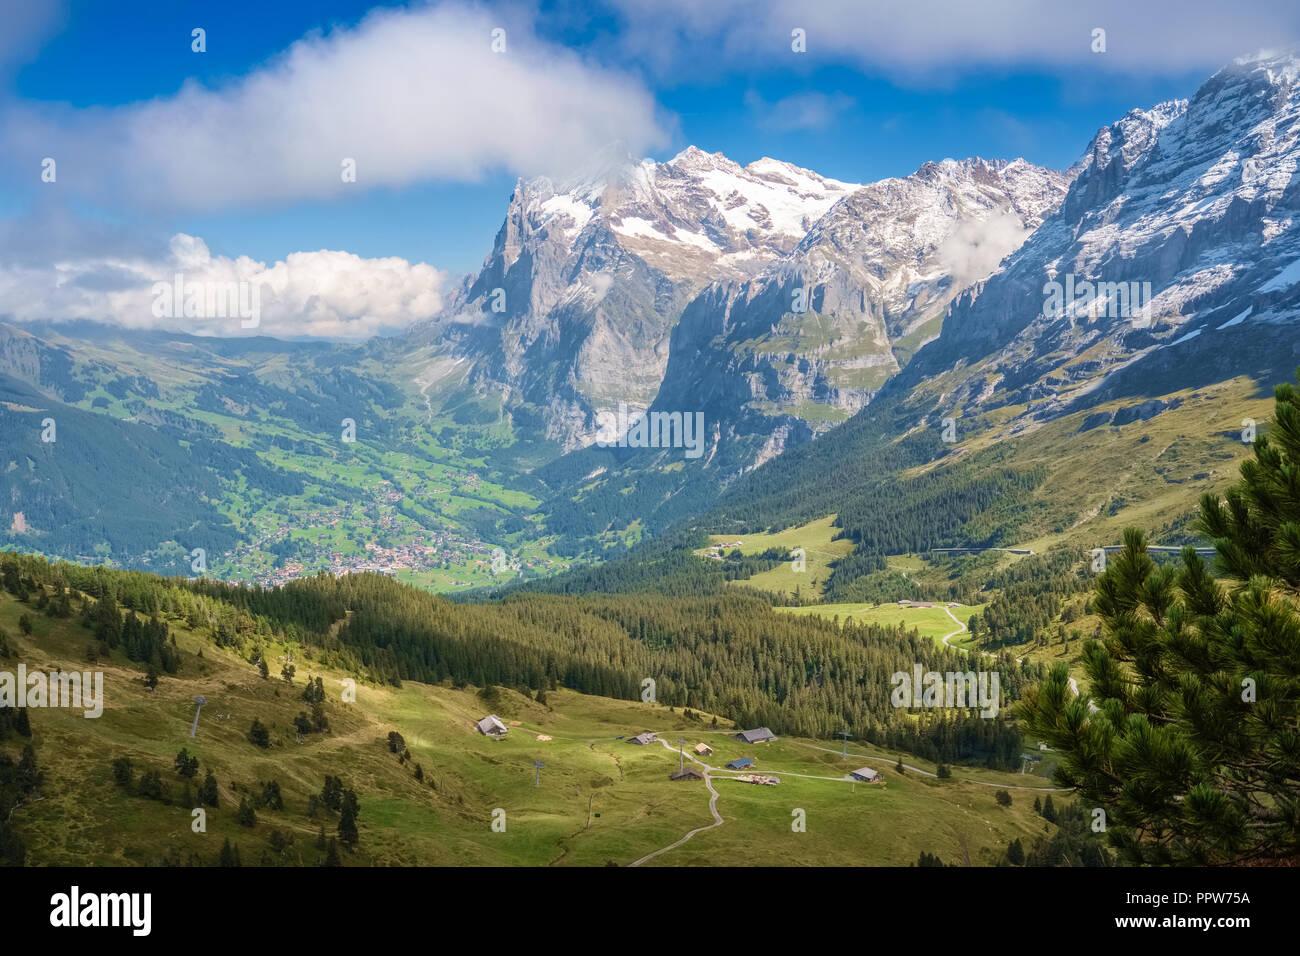 View from Kleine Scheidegg towards Grindelwald (Berner Oberland, Switzerland). The Kleine Scheidegg is a mountain pass and means minor watershed - Stock Image